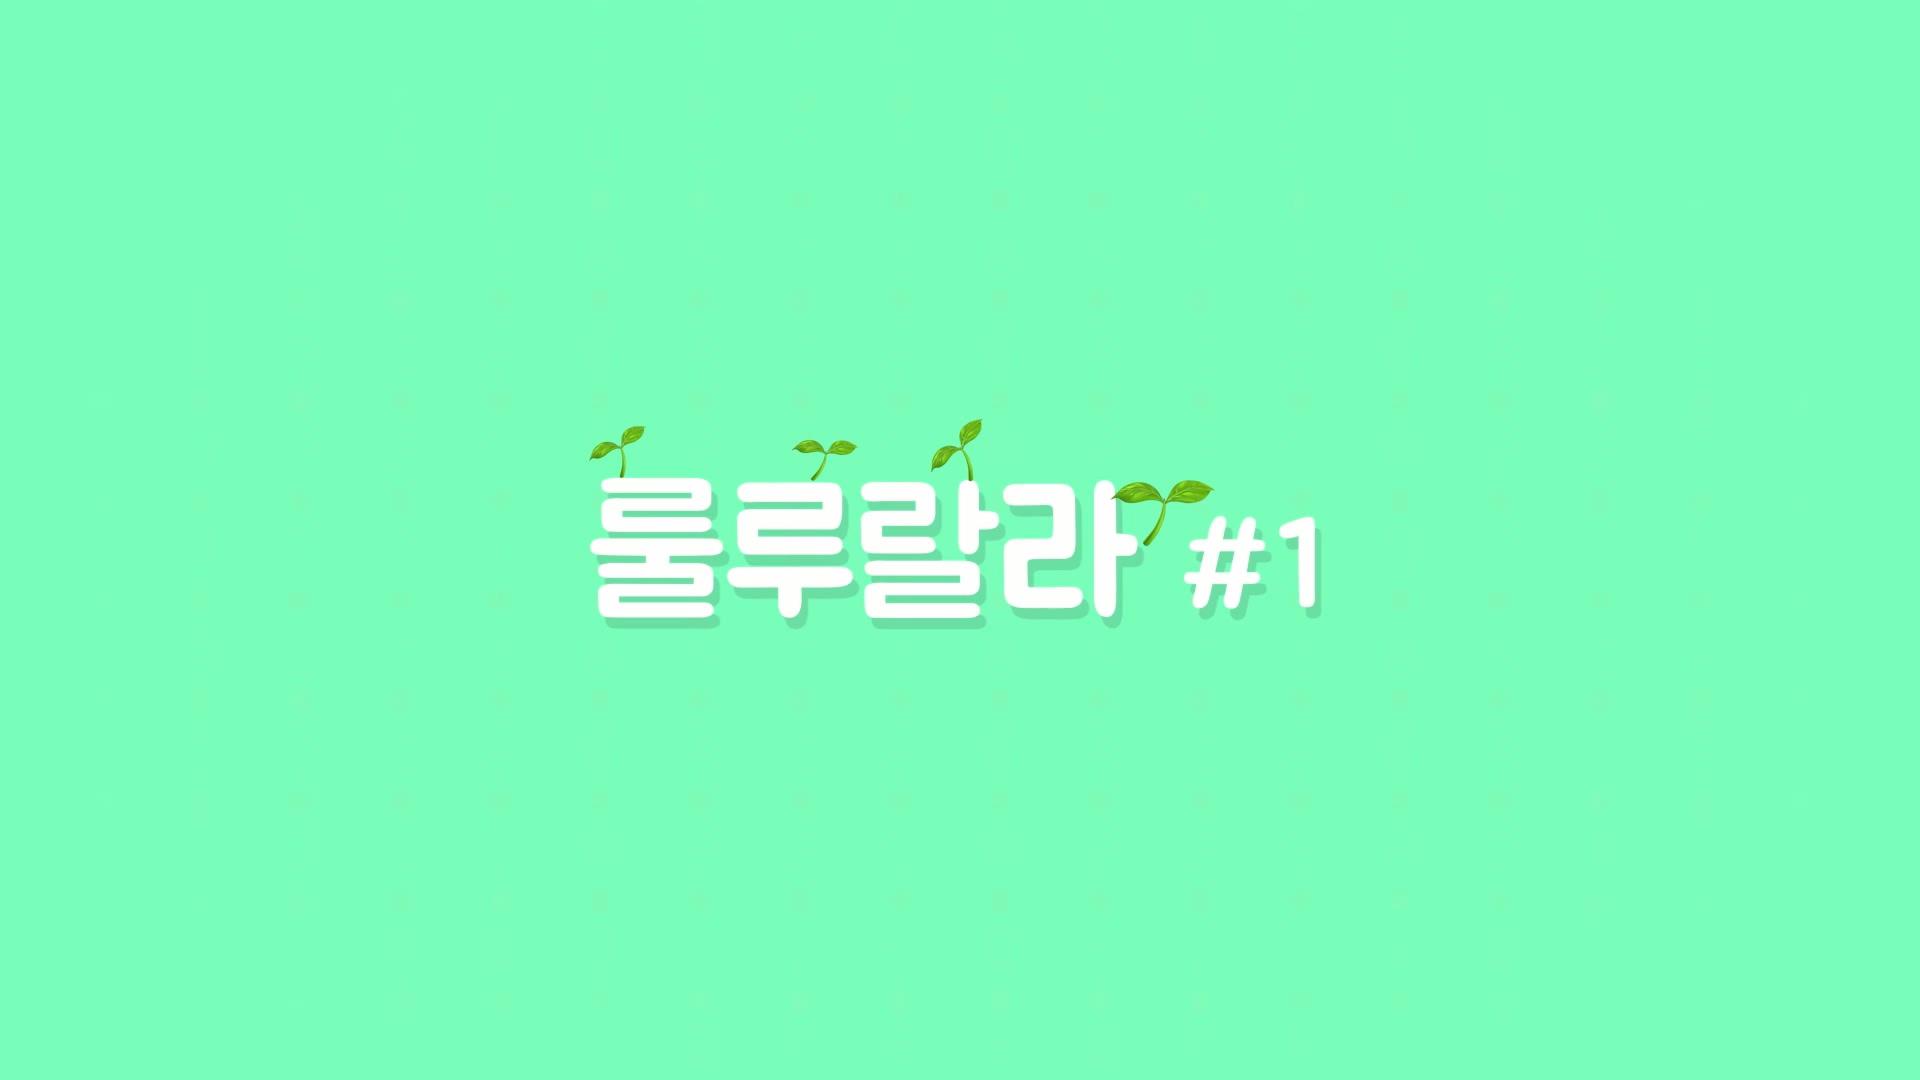 [YH생활일지] 새싹즈 룰루랄라 #1